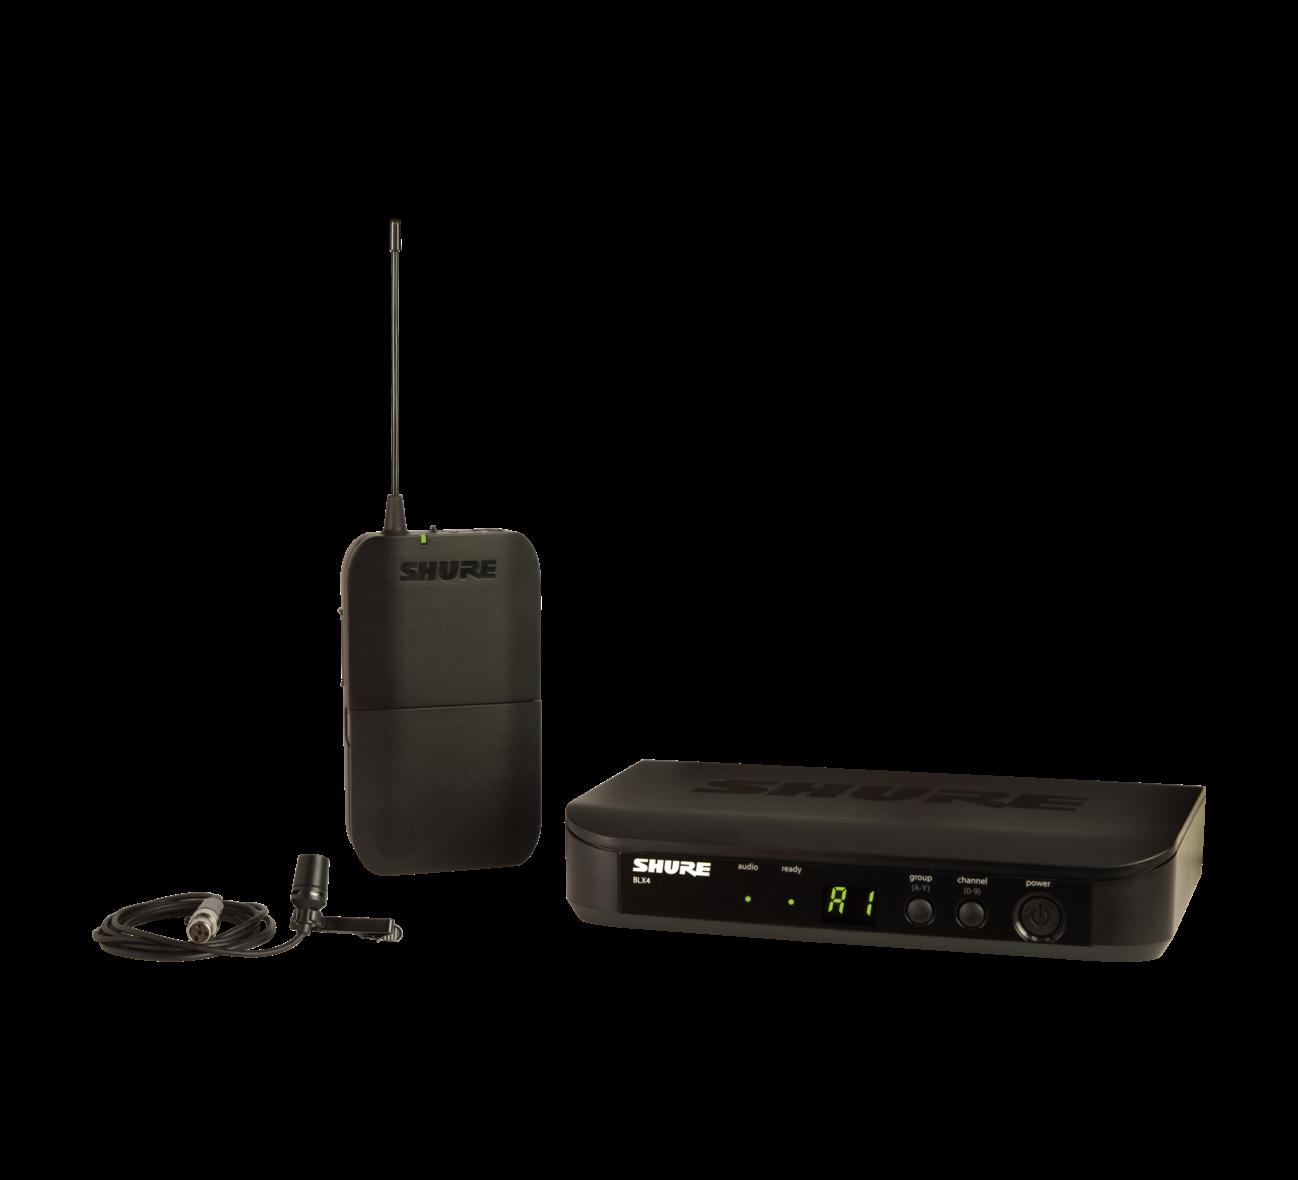 Shure Wireless Lapel Microphone